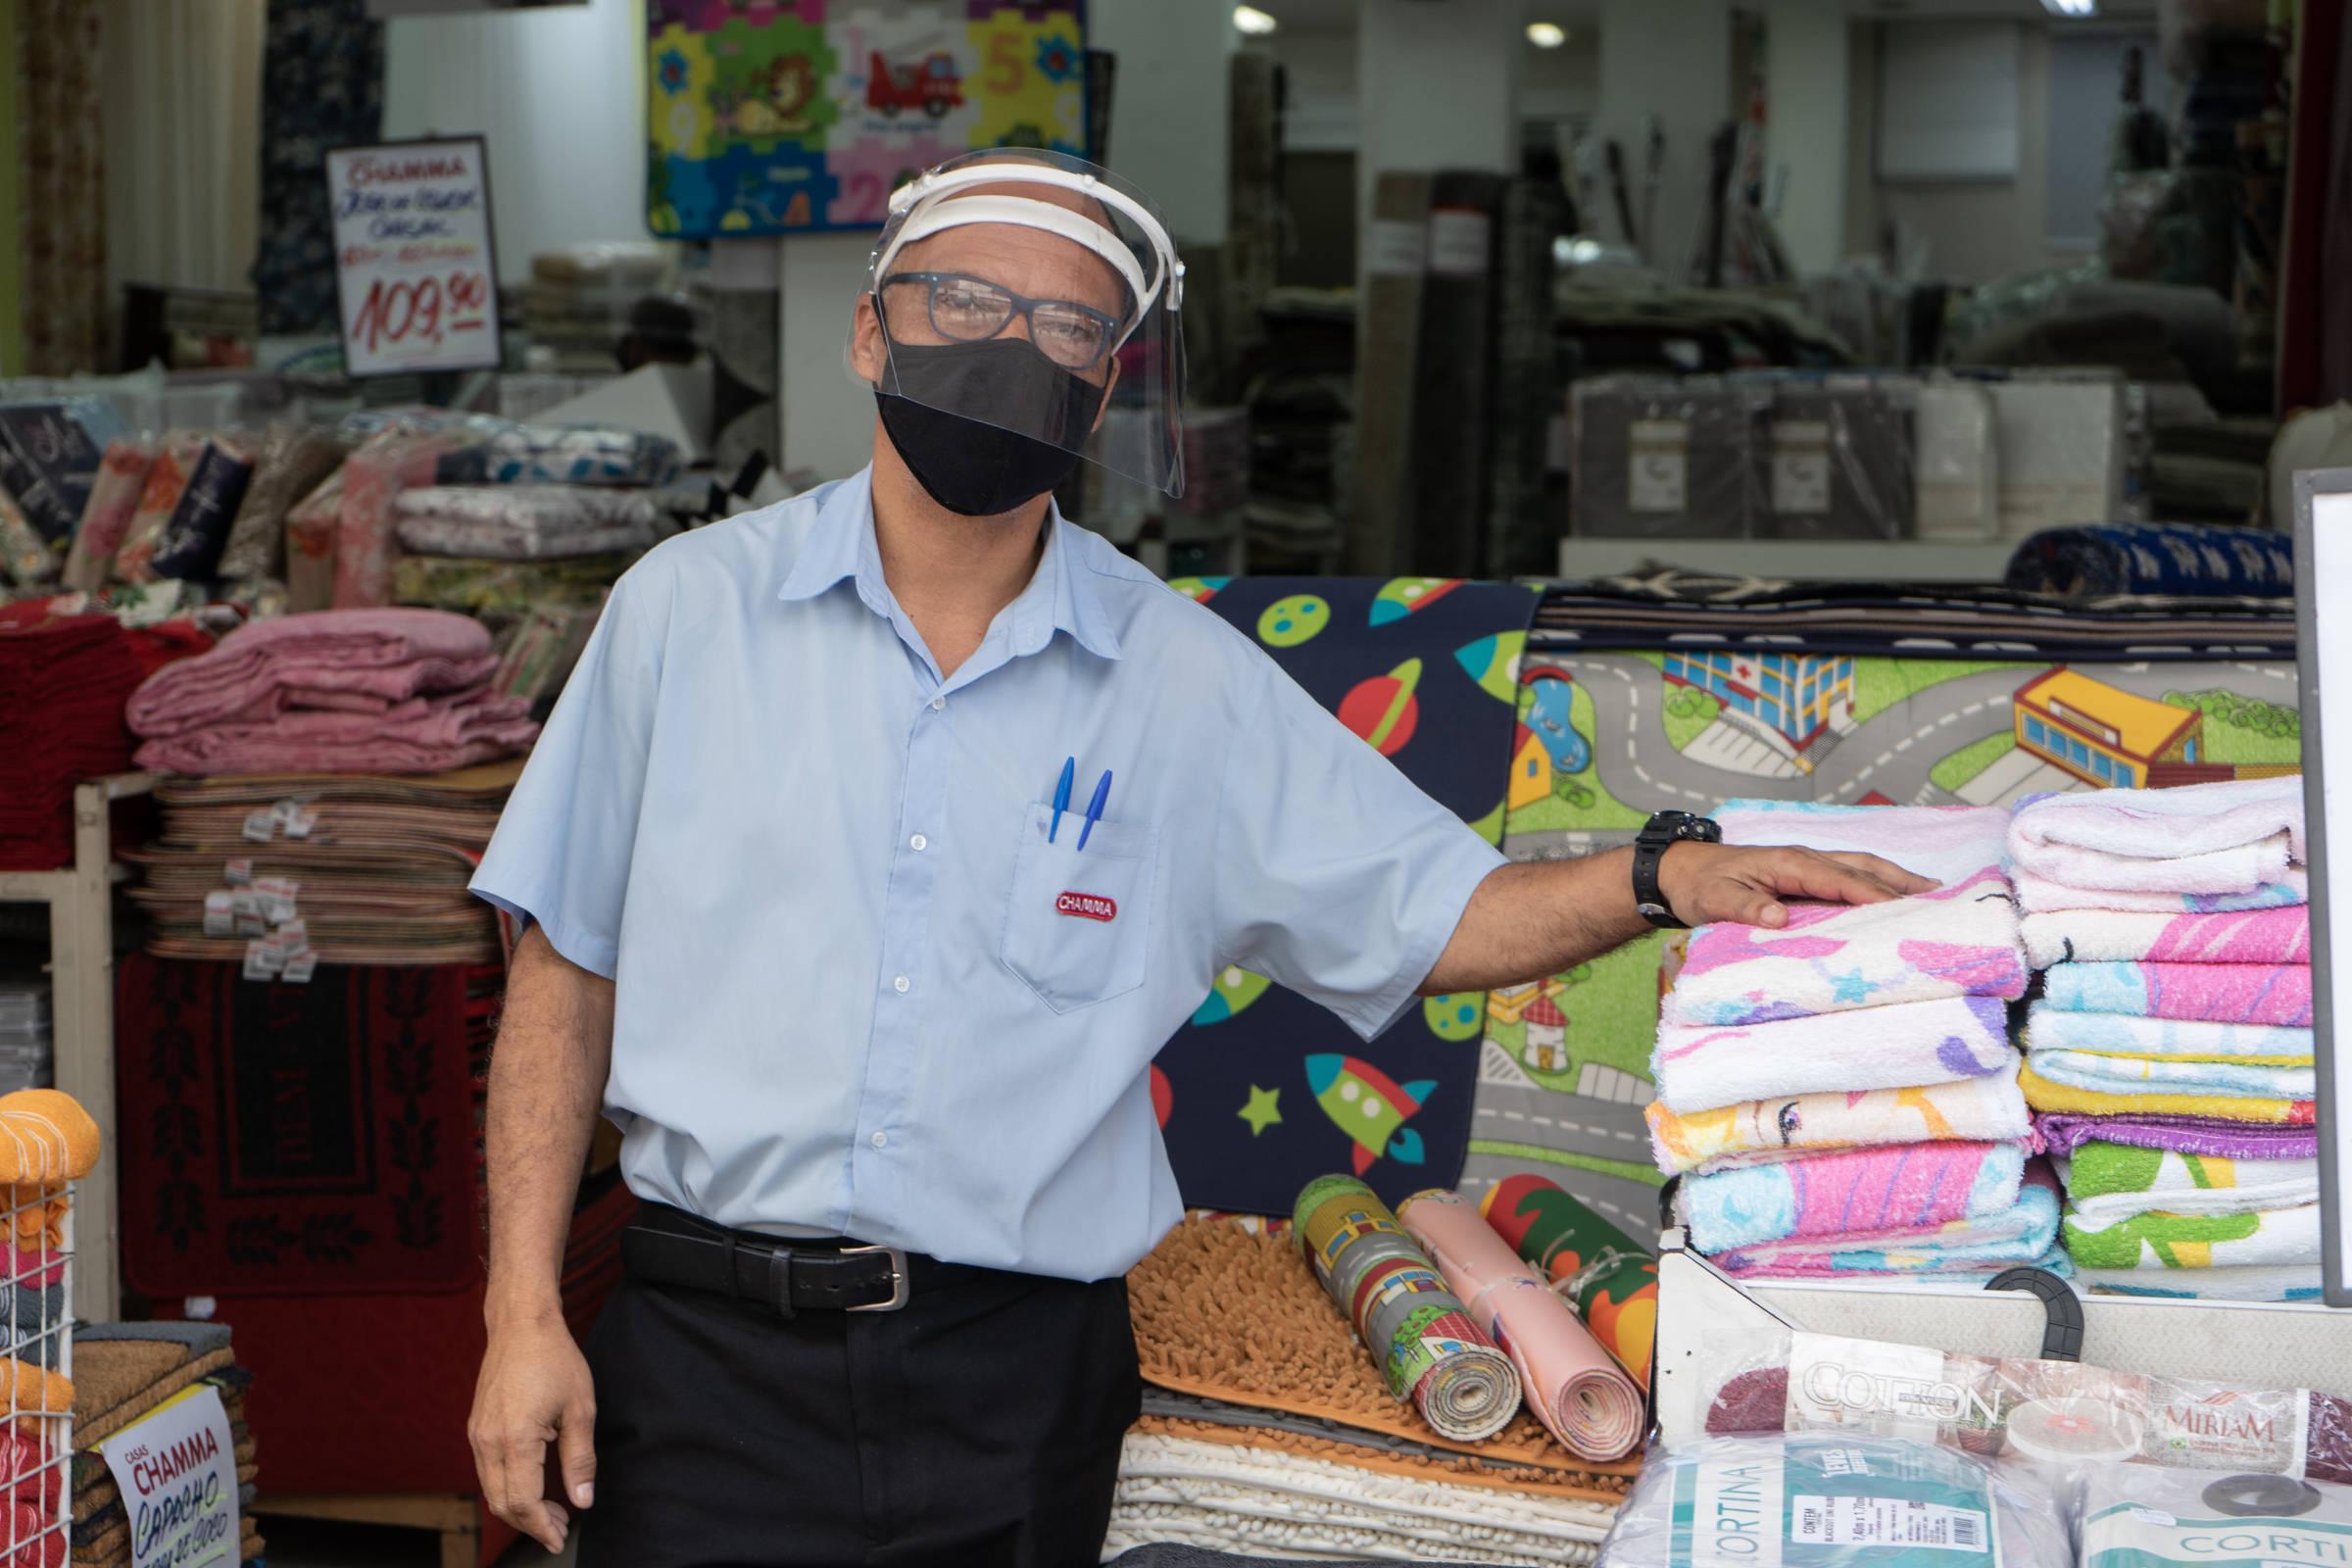 Já é hora de discutir a flexibilização do uso de máscaras em locais abertos? SIM